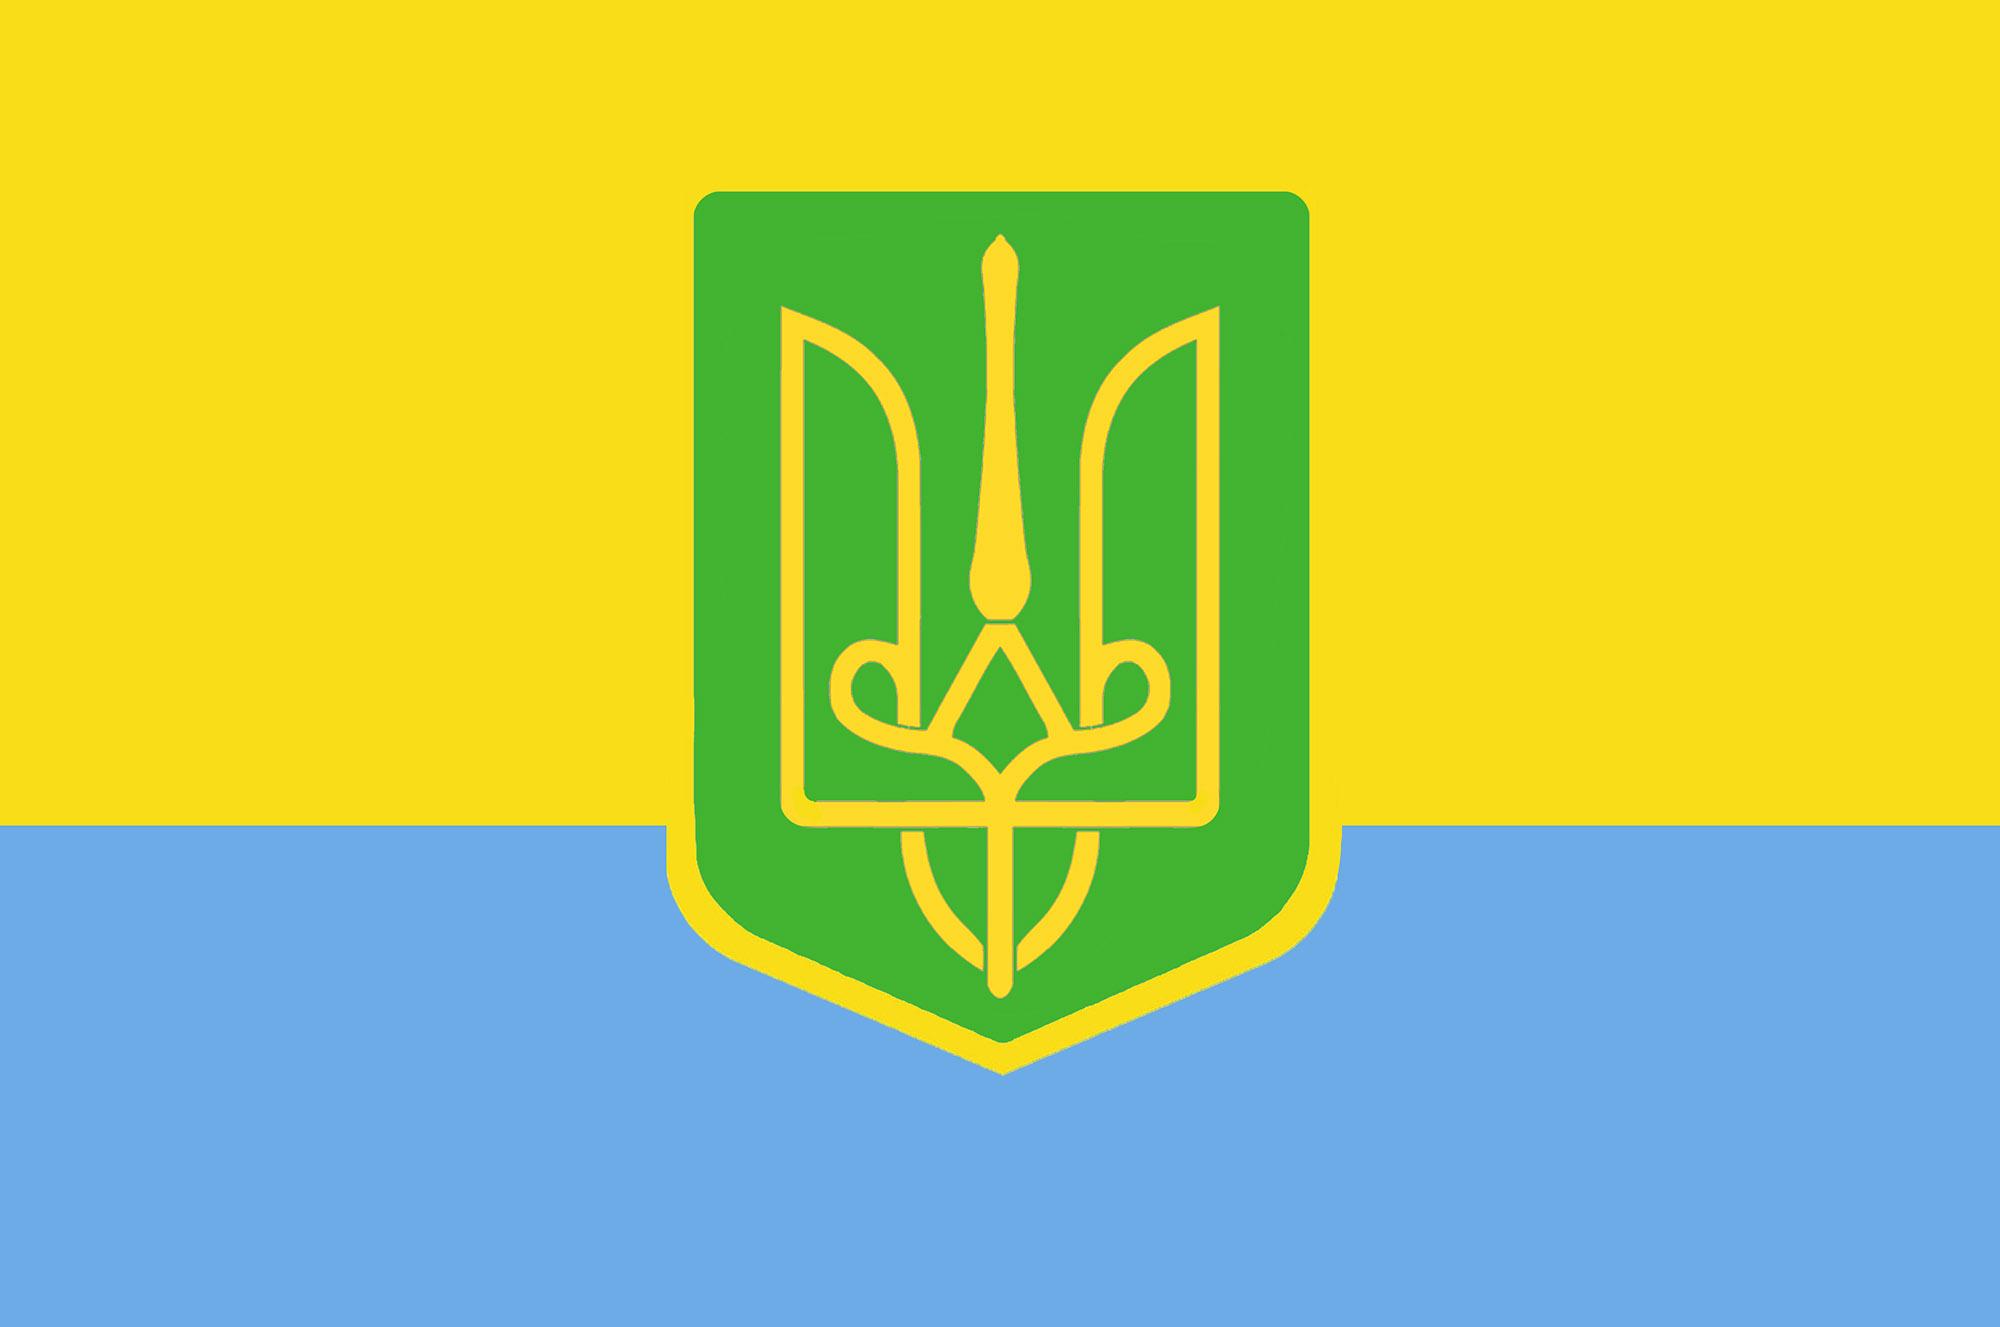 Террористы изменили тактику. После безуспешных попыток навязать бой, они обвиняют украинских воинов в срыве перемирия, - пресс-центр АТО - Цензор.НЕТ 7729